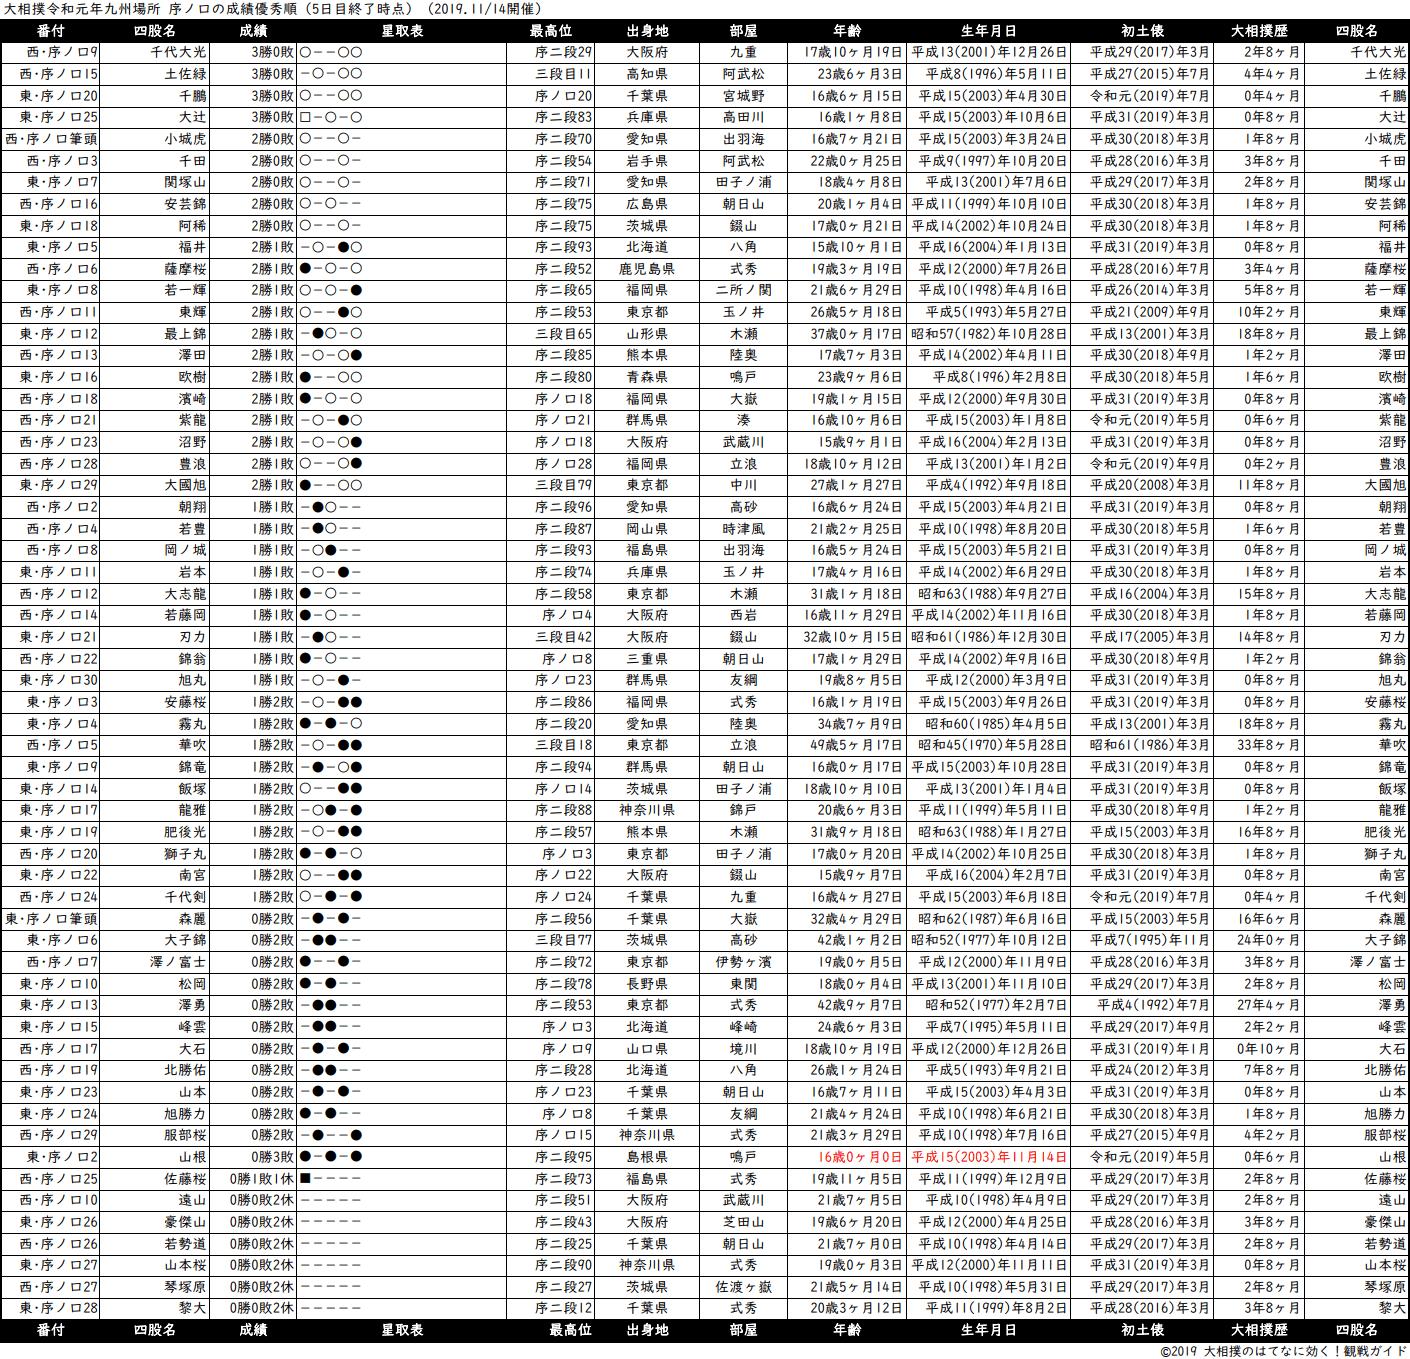 序ノ口成績順一覧表・2019年11月場所5日目